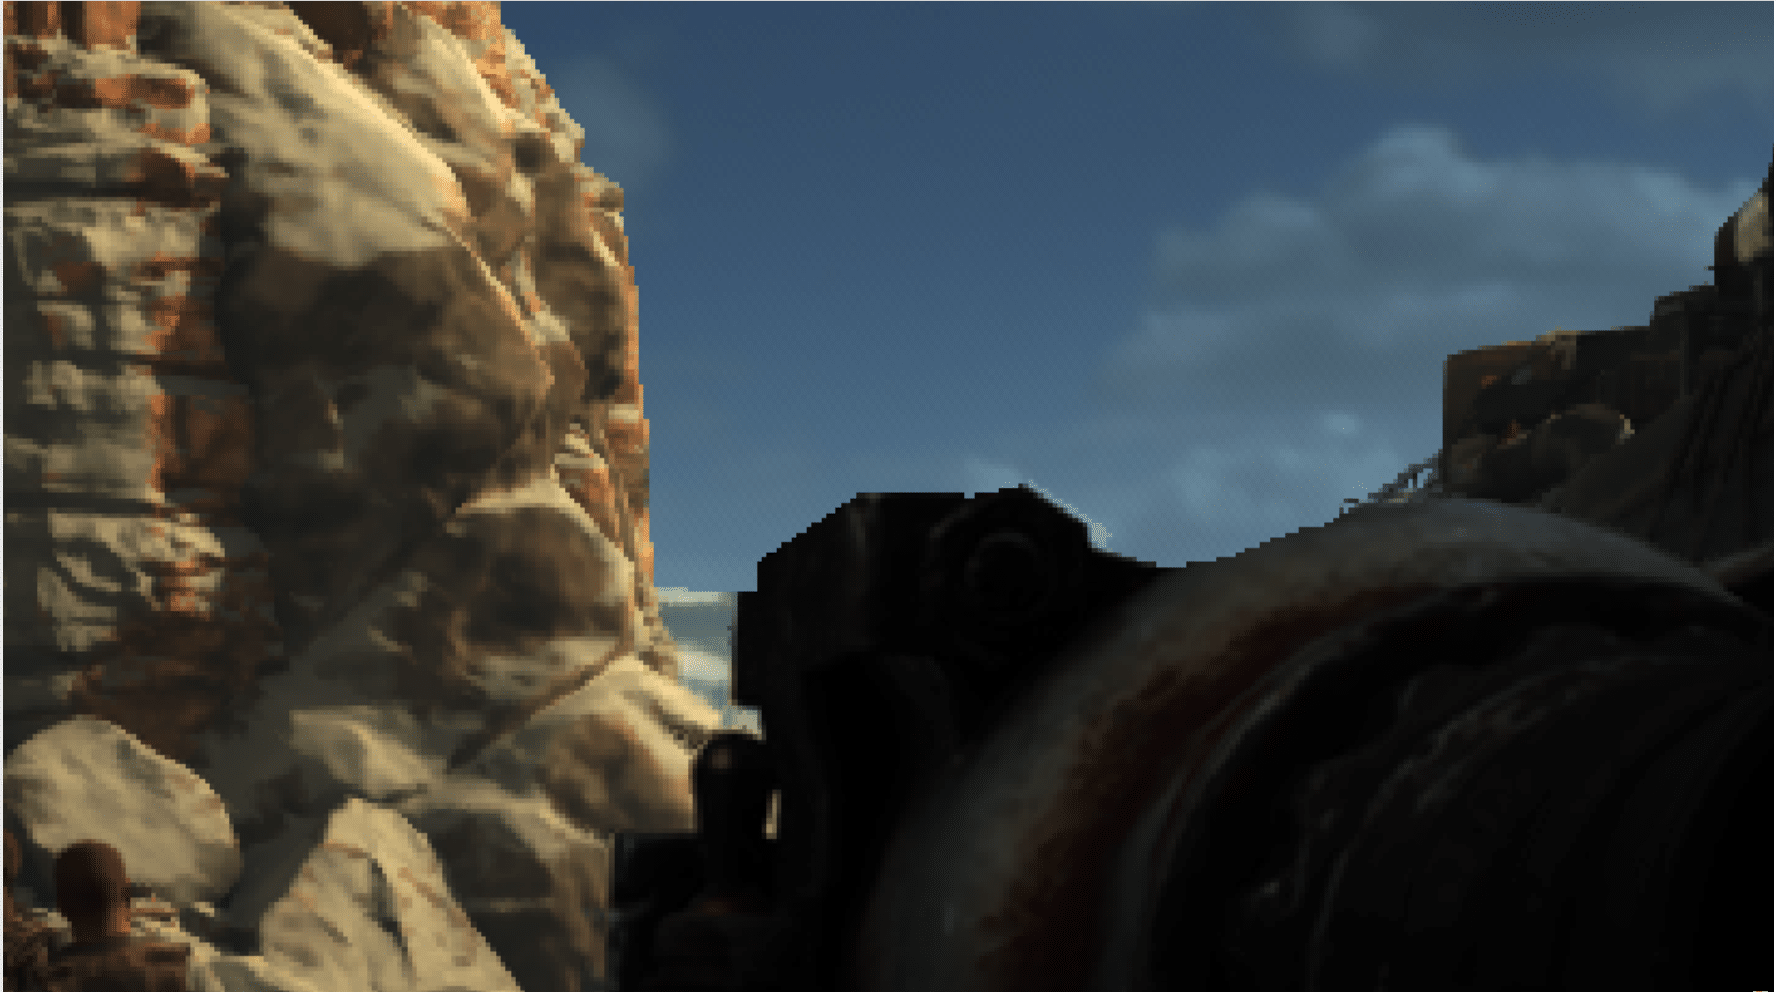 Особенности рендеринга в игре Metro: Exodus c raytracing - 30